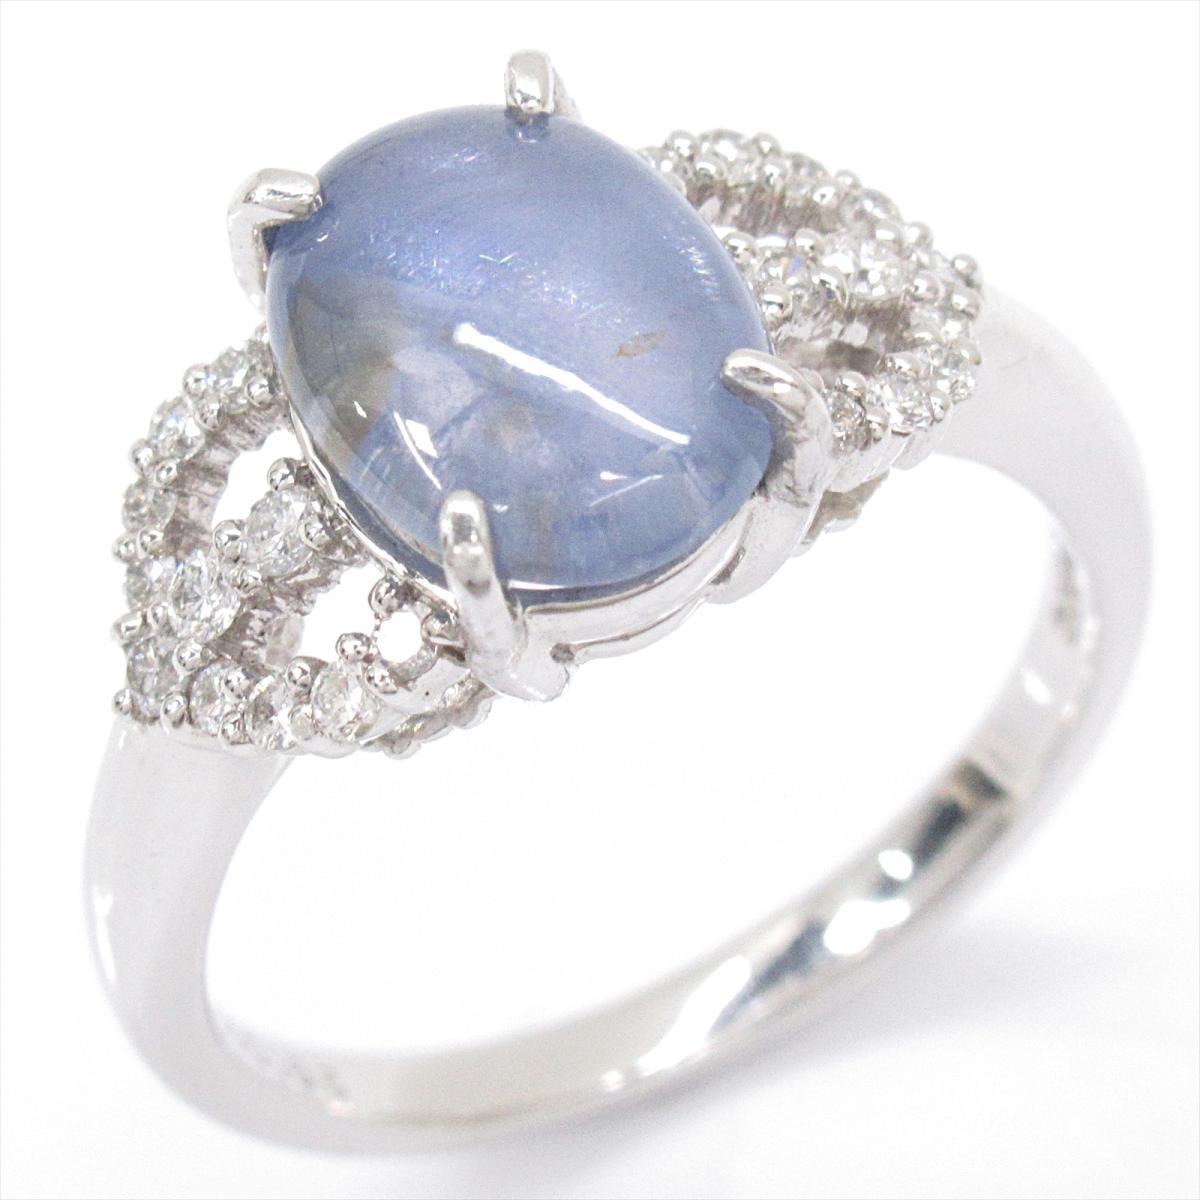 【中古】 ジュエリー スターサファイア リング 指輪 レディース PT900 プラチナ x ダイヤモンド | JEWELRY BRANDOFF ブランドオフ ブランド アクセサリー